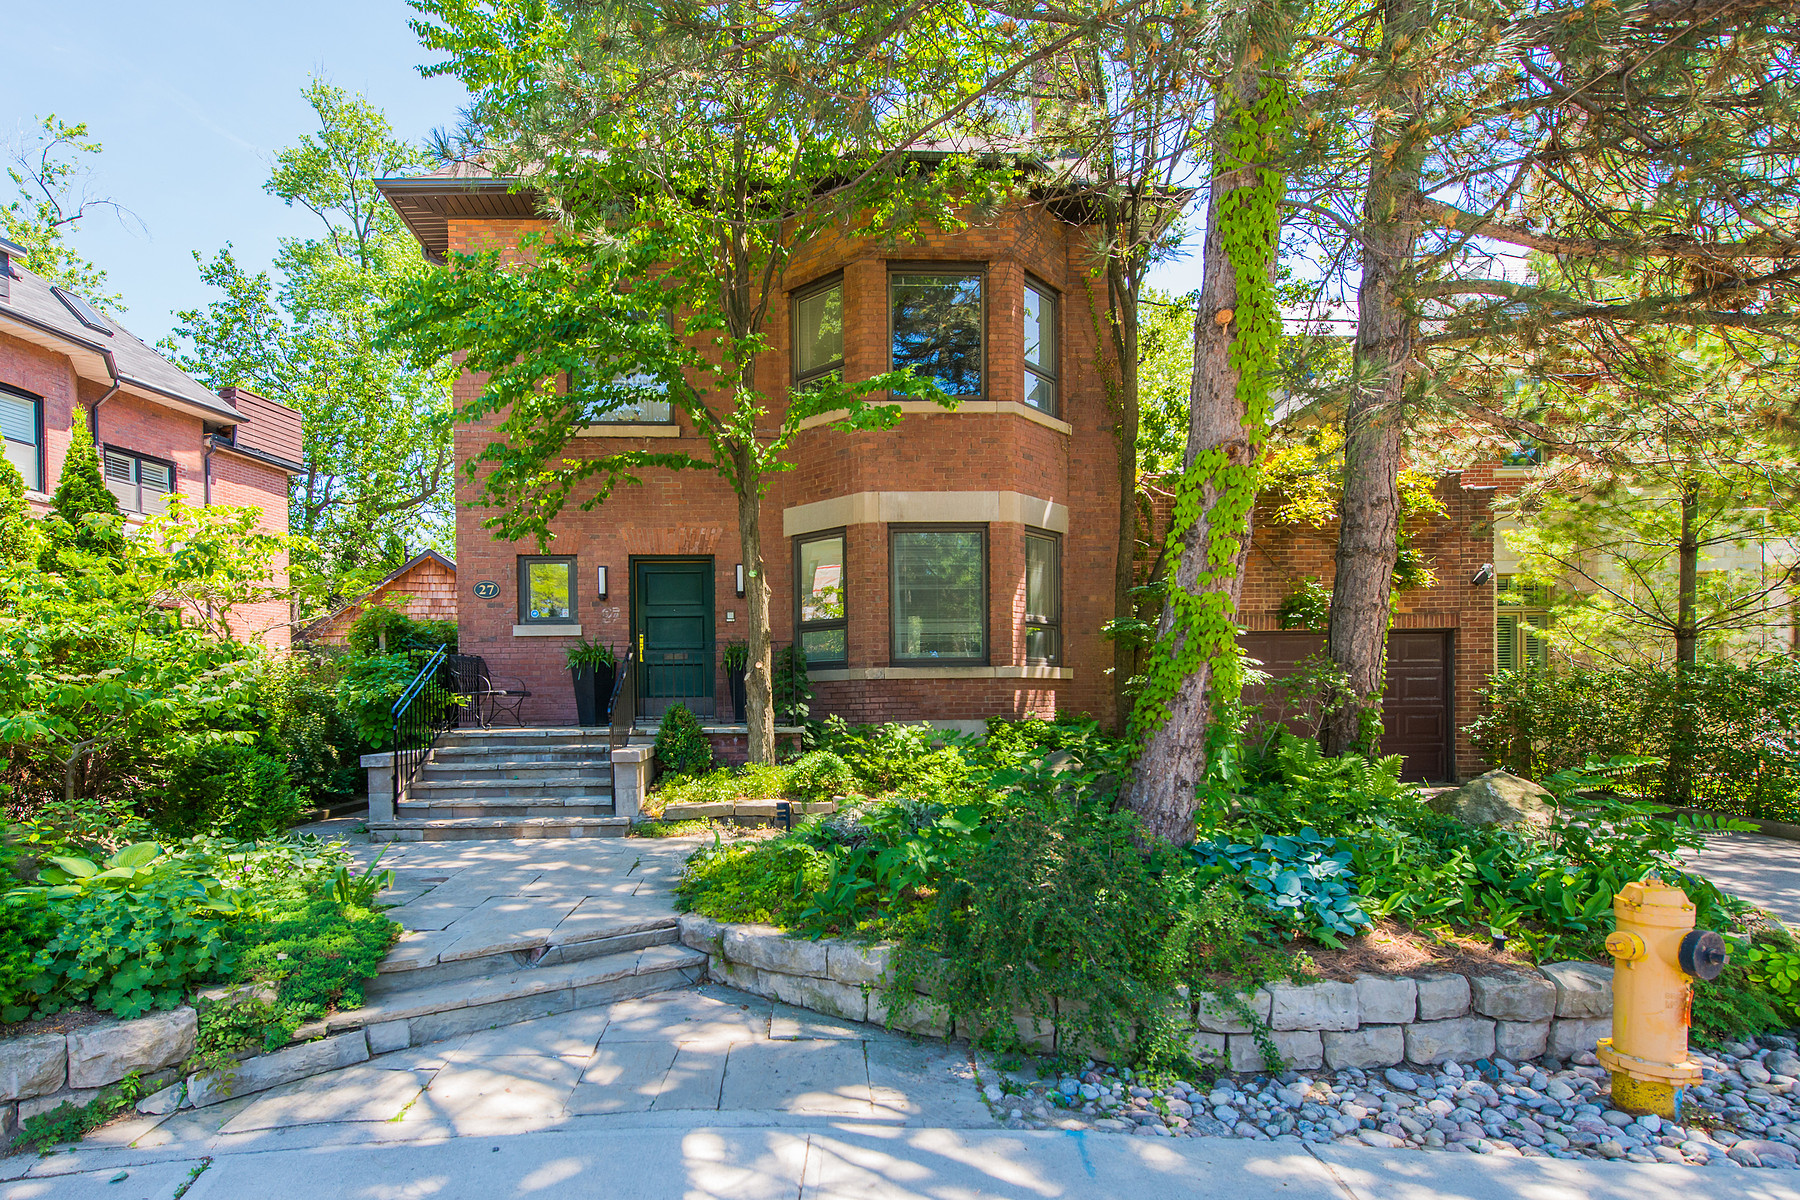 独户住宅 为 销售 在 A Home for All Seasons 多伦多, 安大略省, M4W 2S5 加拿大